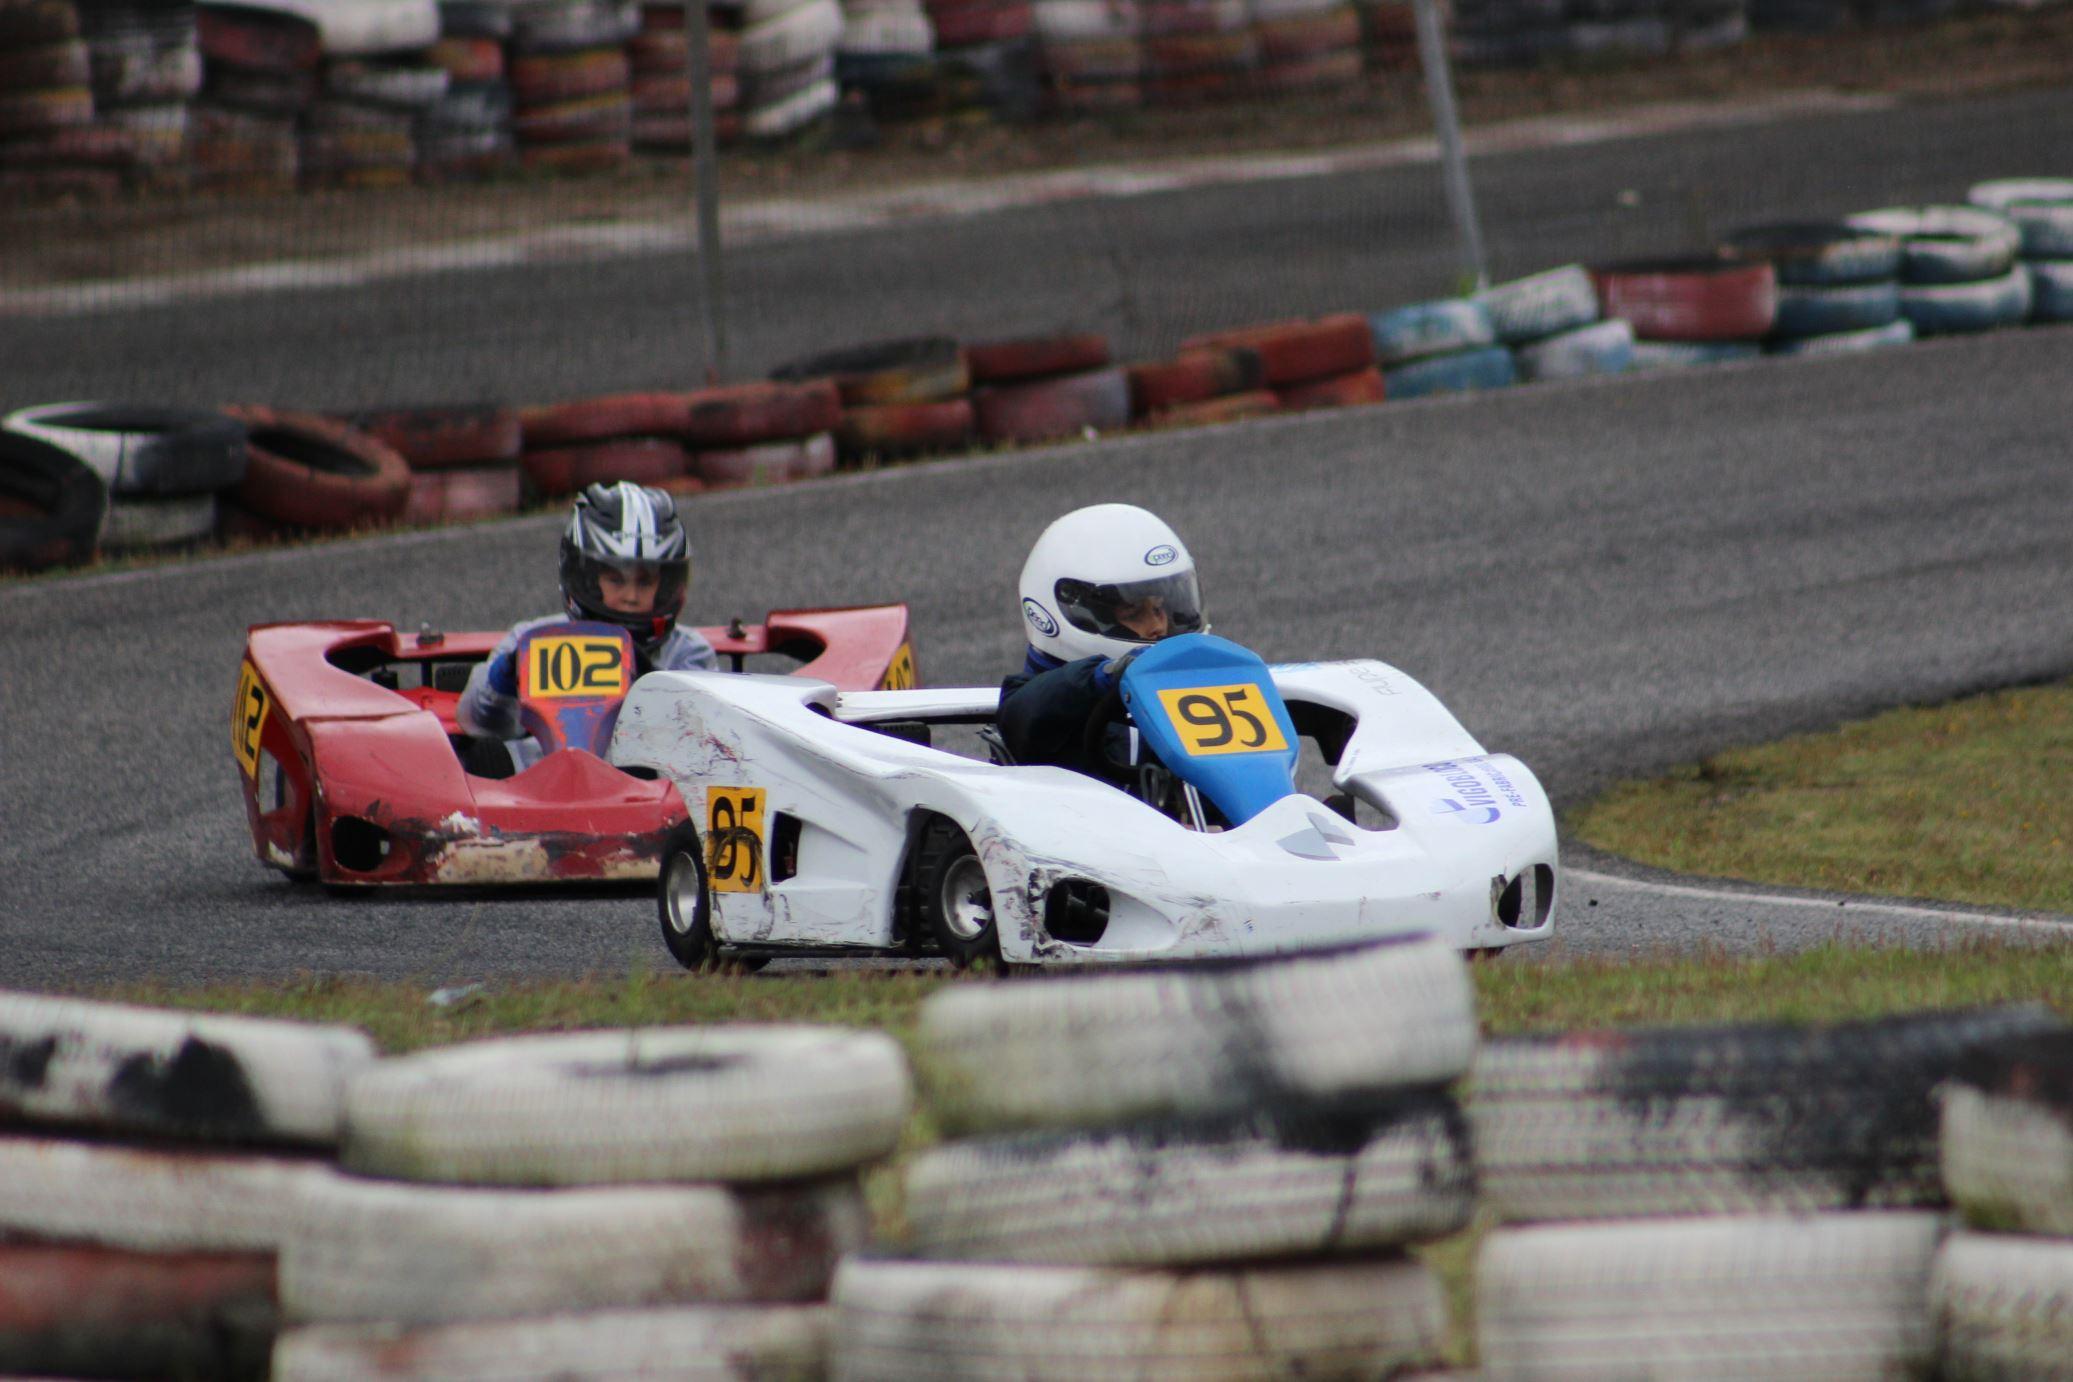 Troféu Honda 2014 - 2ª Prova157